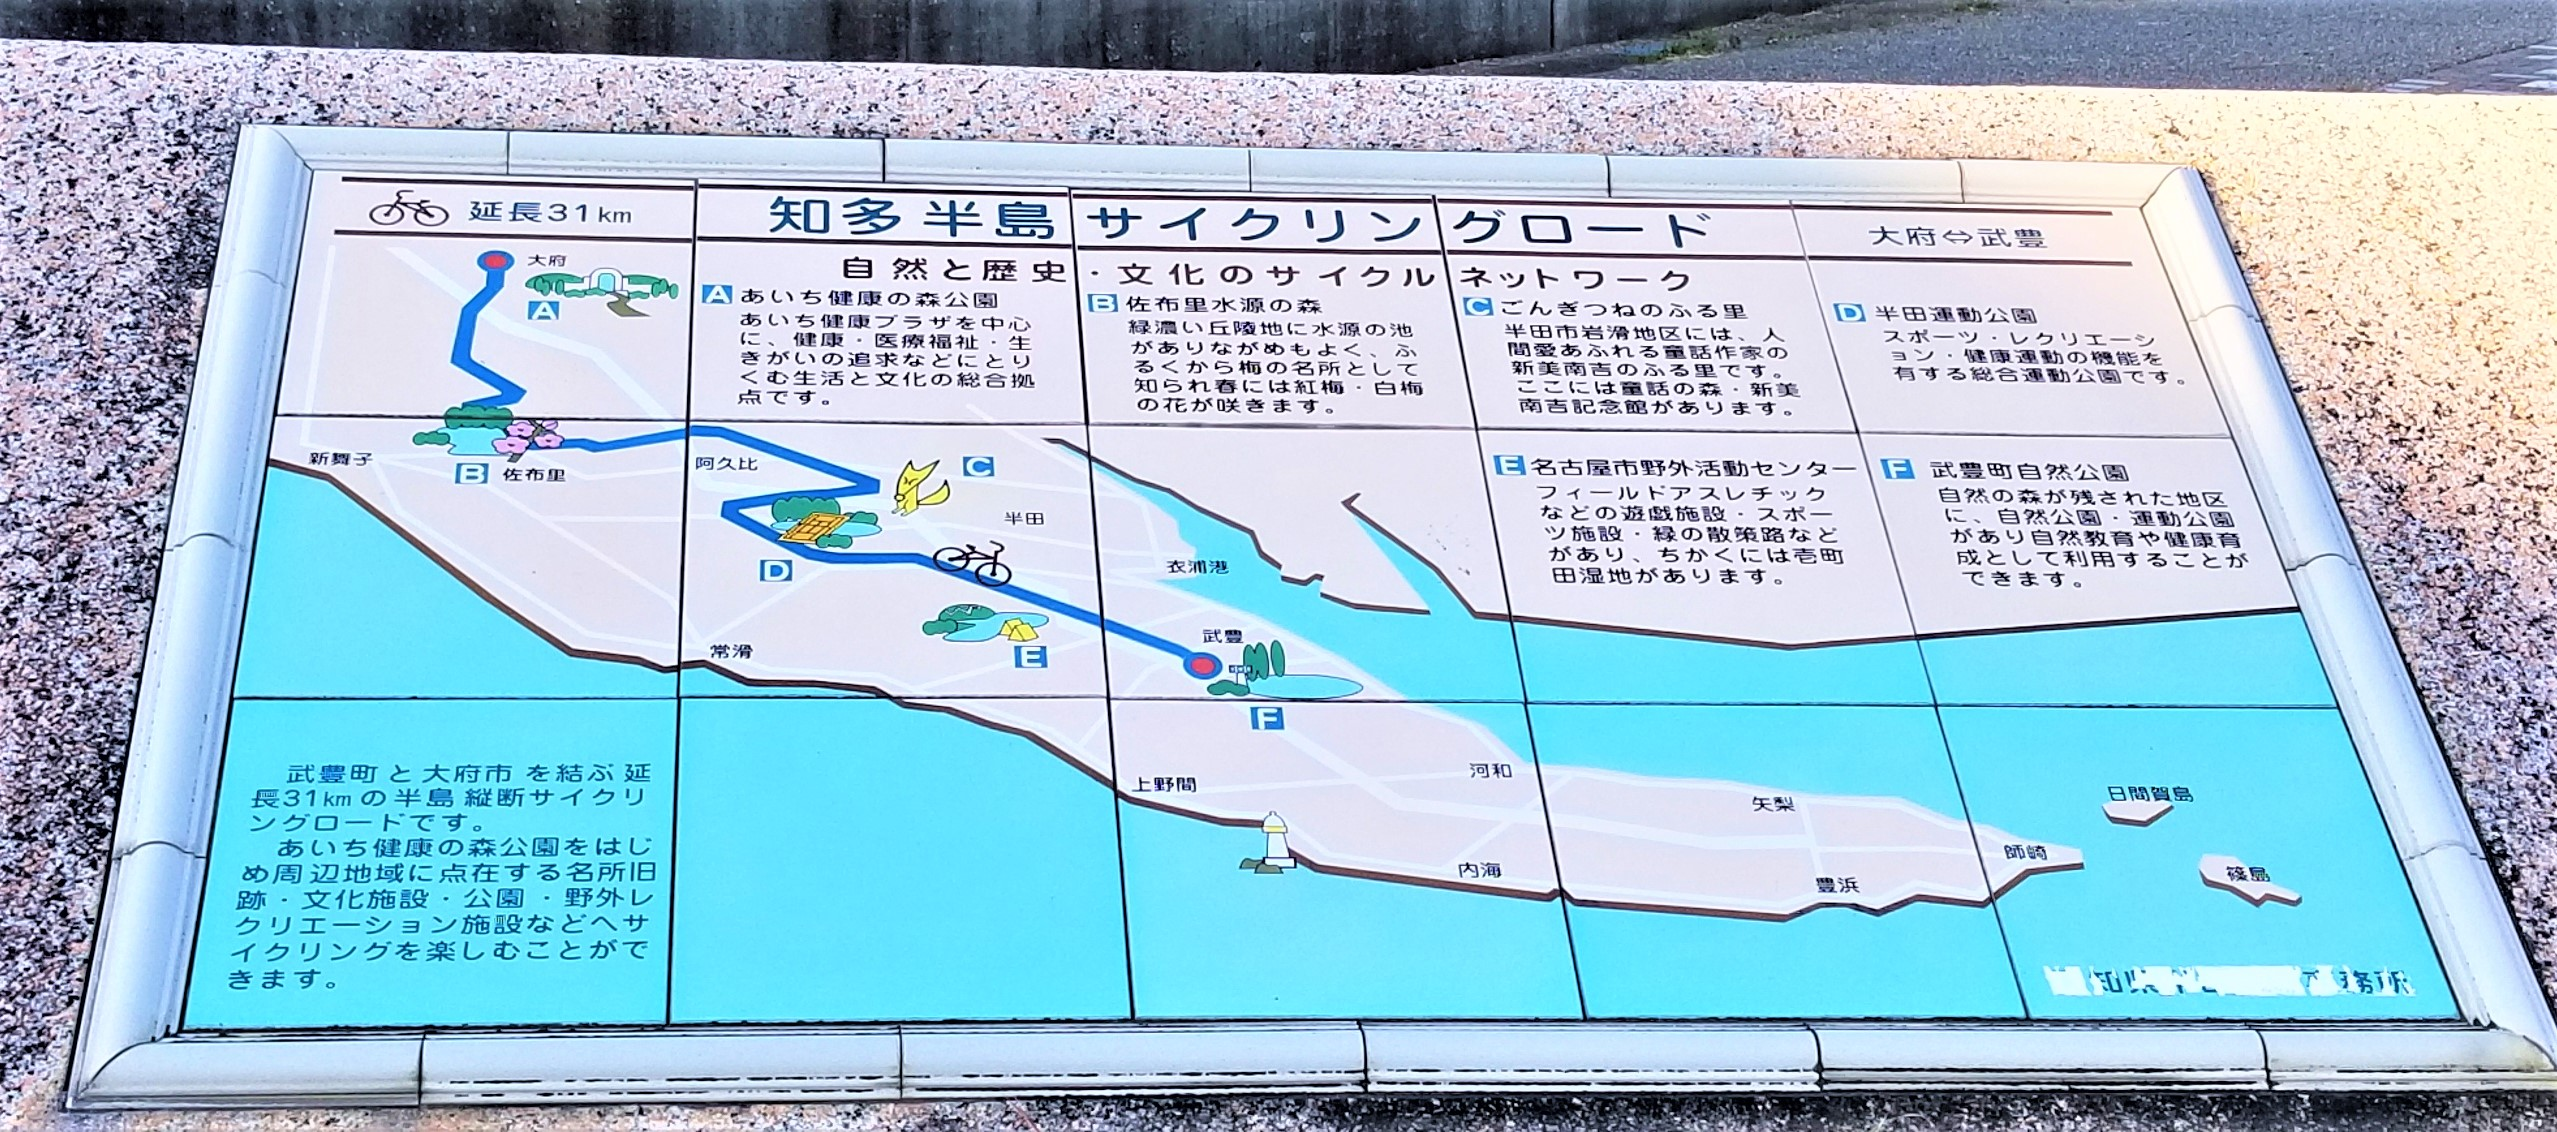 知多半島サイクリングロード 武豊起点にあるマップ